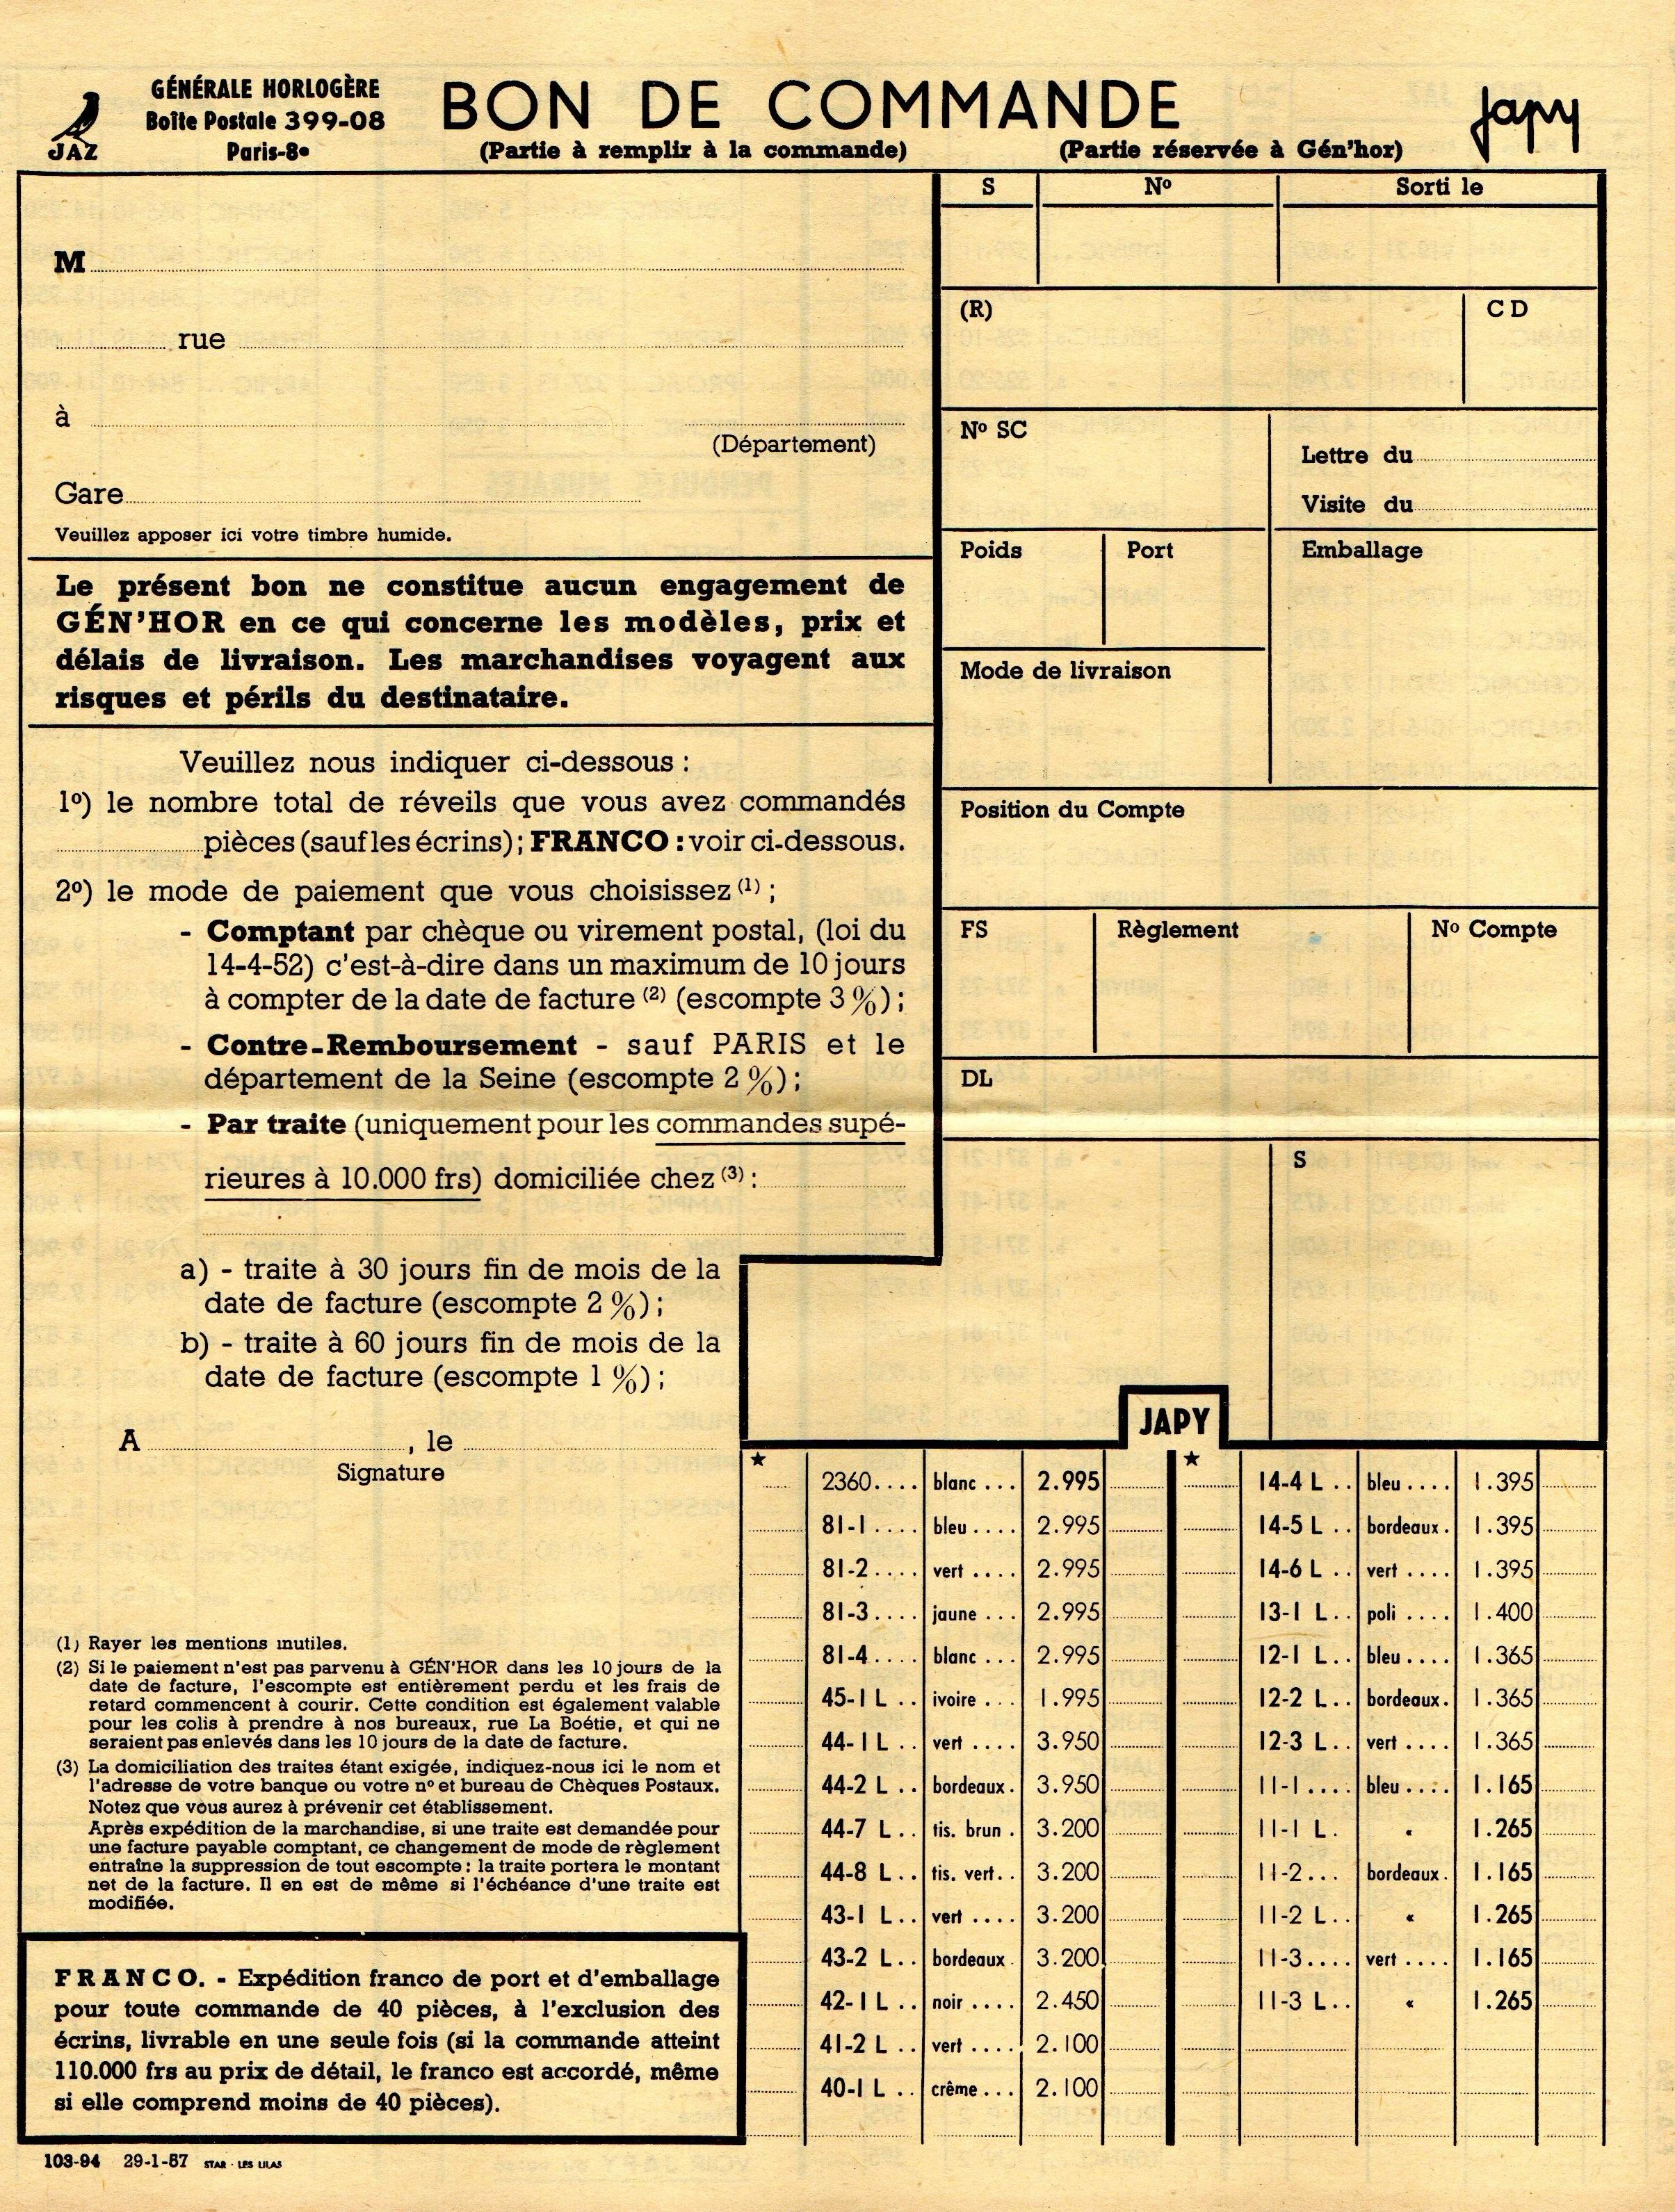 1957 bon de commande Janvier 1957 page 1